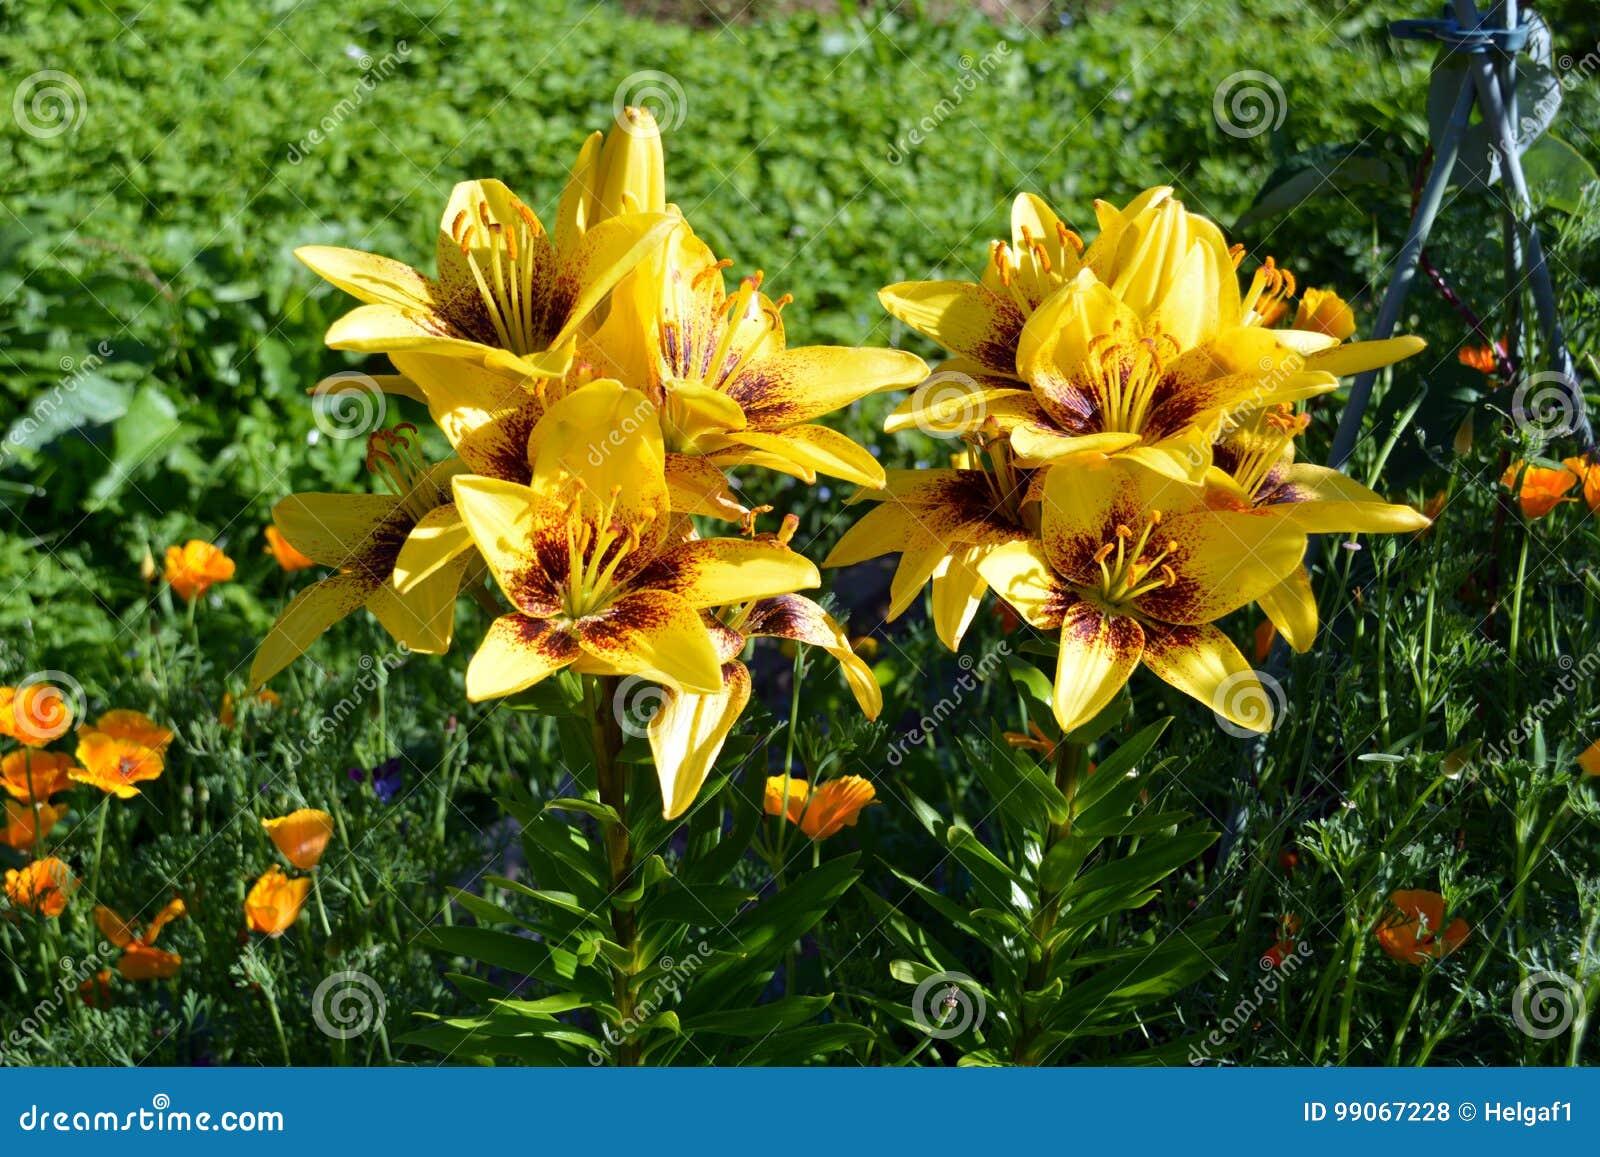 Gelbe Lilien Der Schönen Blumen Blühen Im Blumenbeet Im Garten